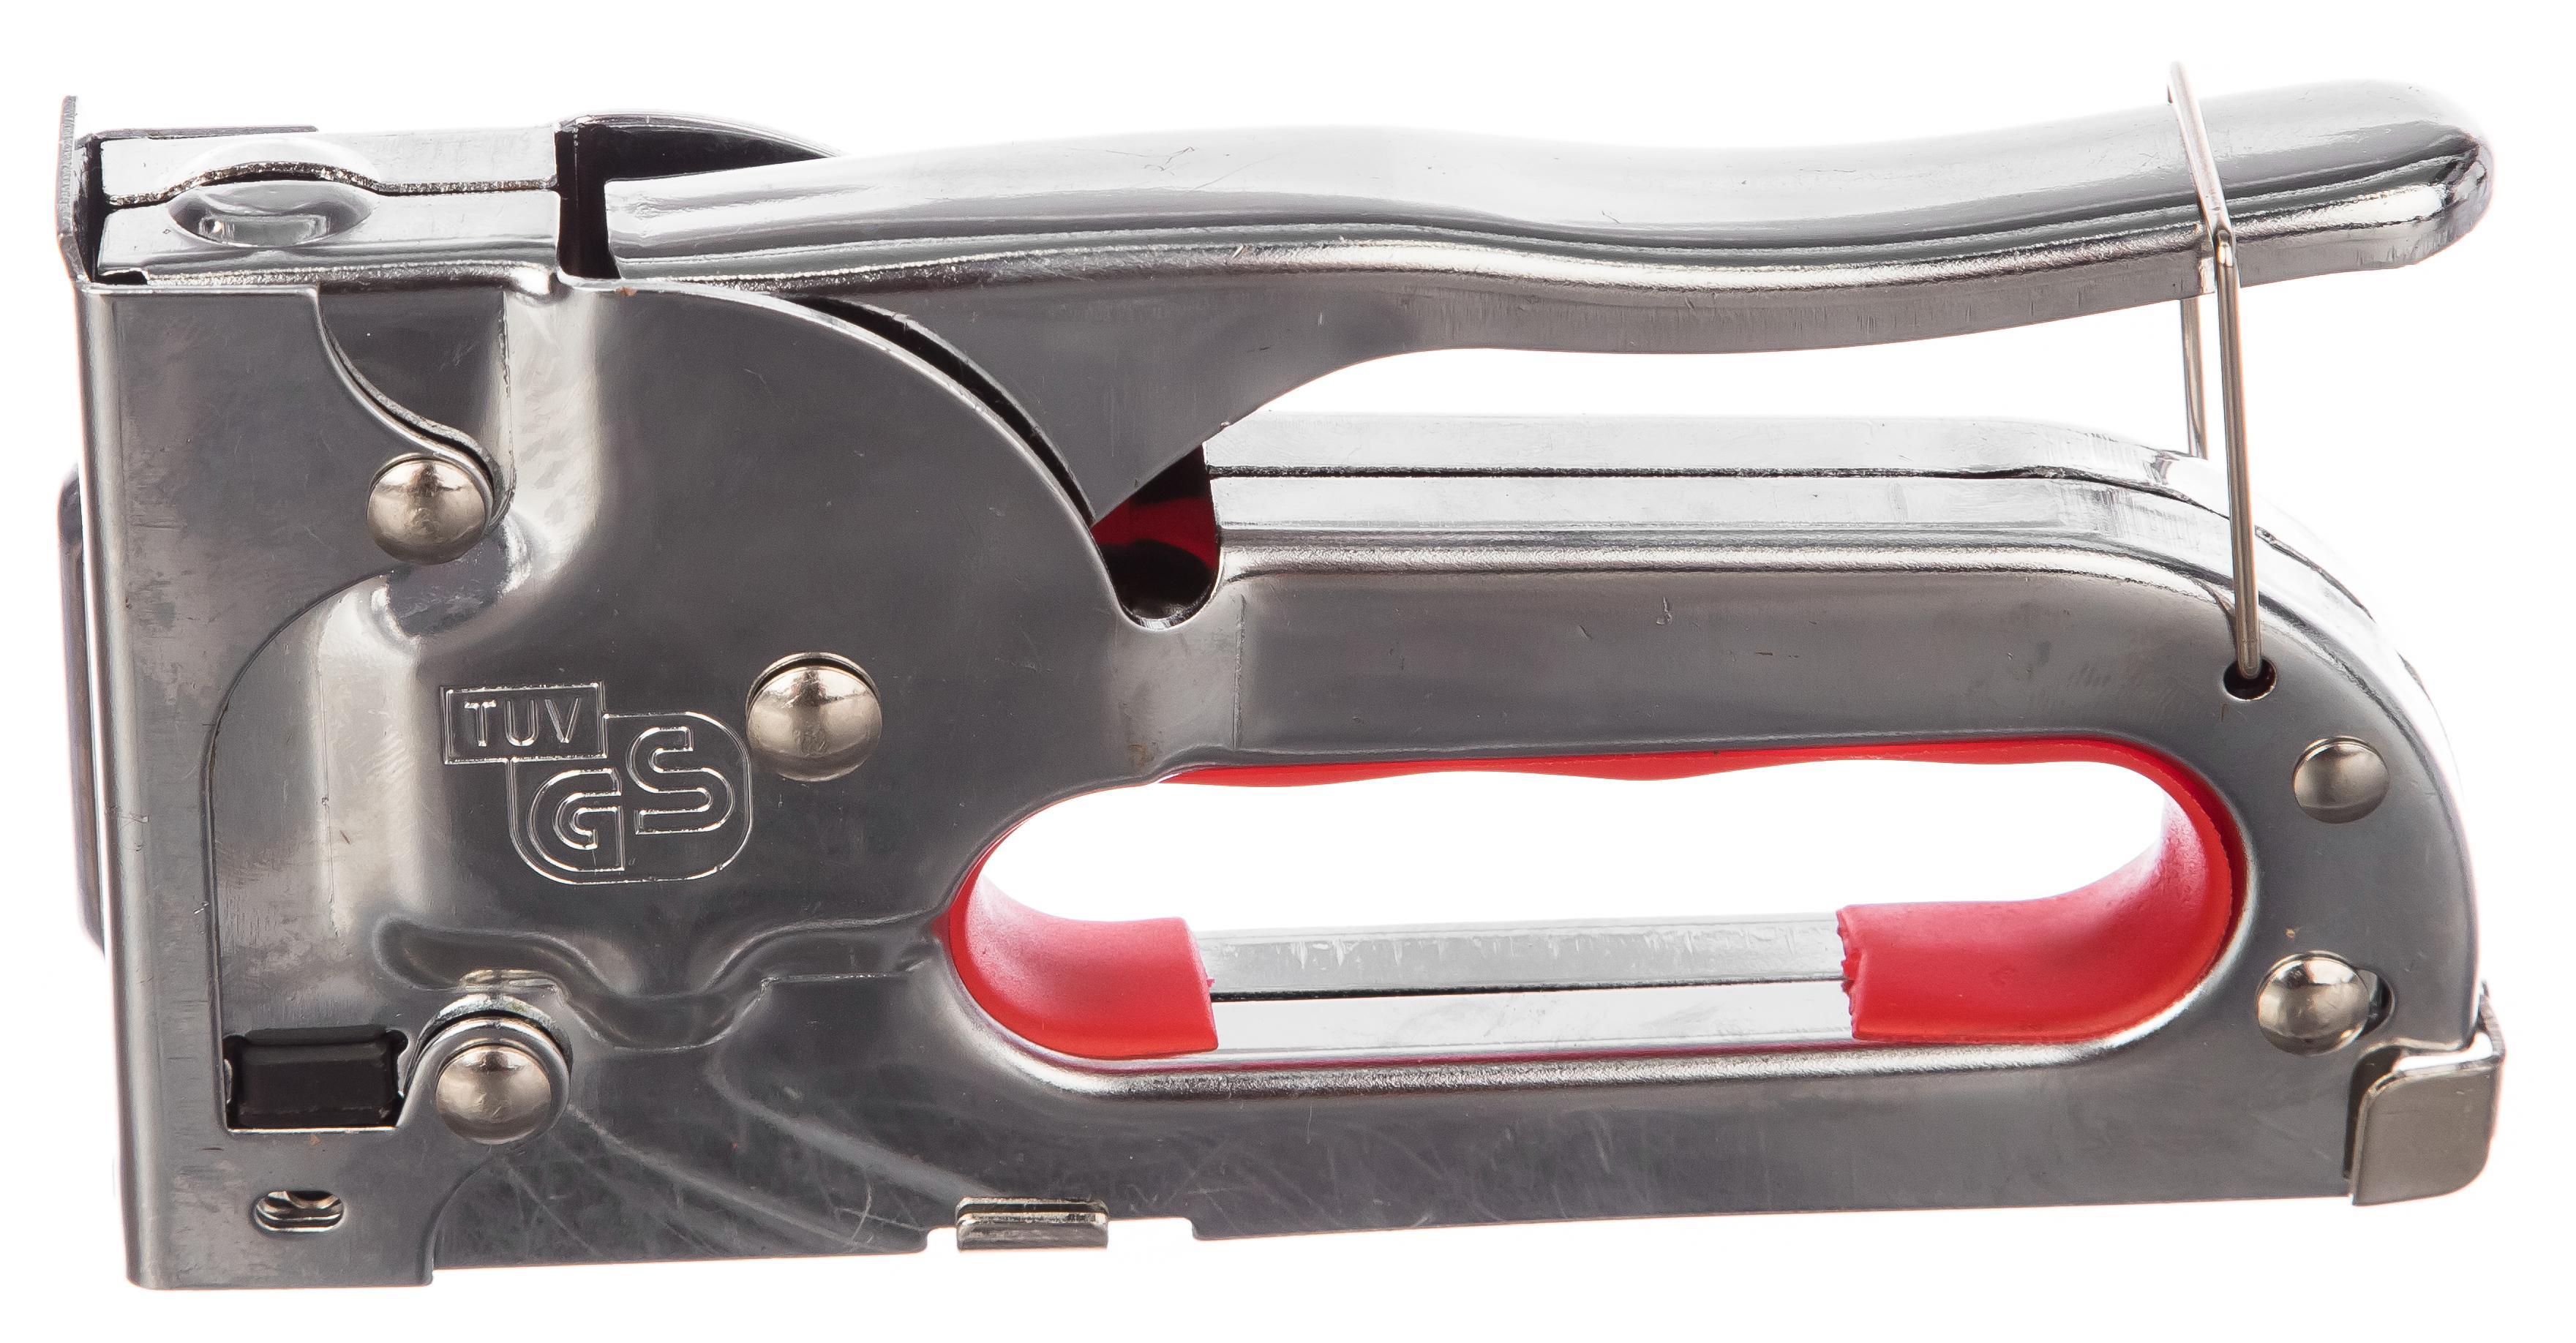 Степлер механический Vira 810408 мебельный регулируемый степлер стальной корпус тип скобы 53 4 14мм gross handwerker 41000